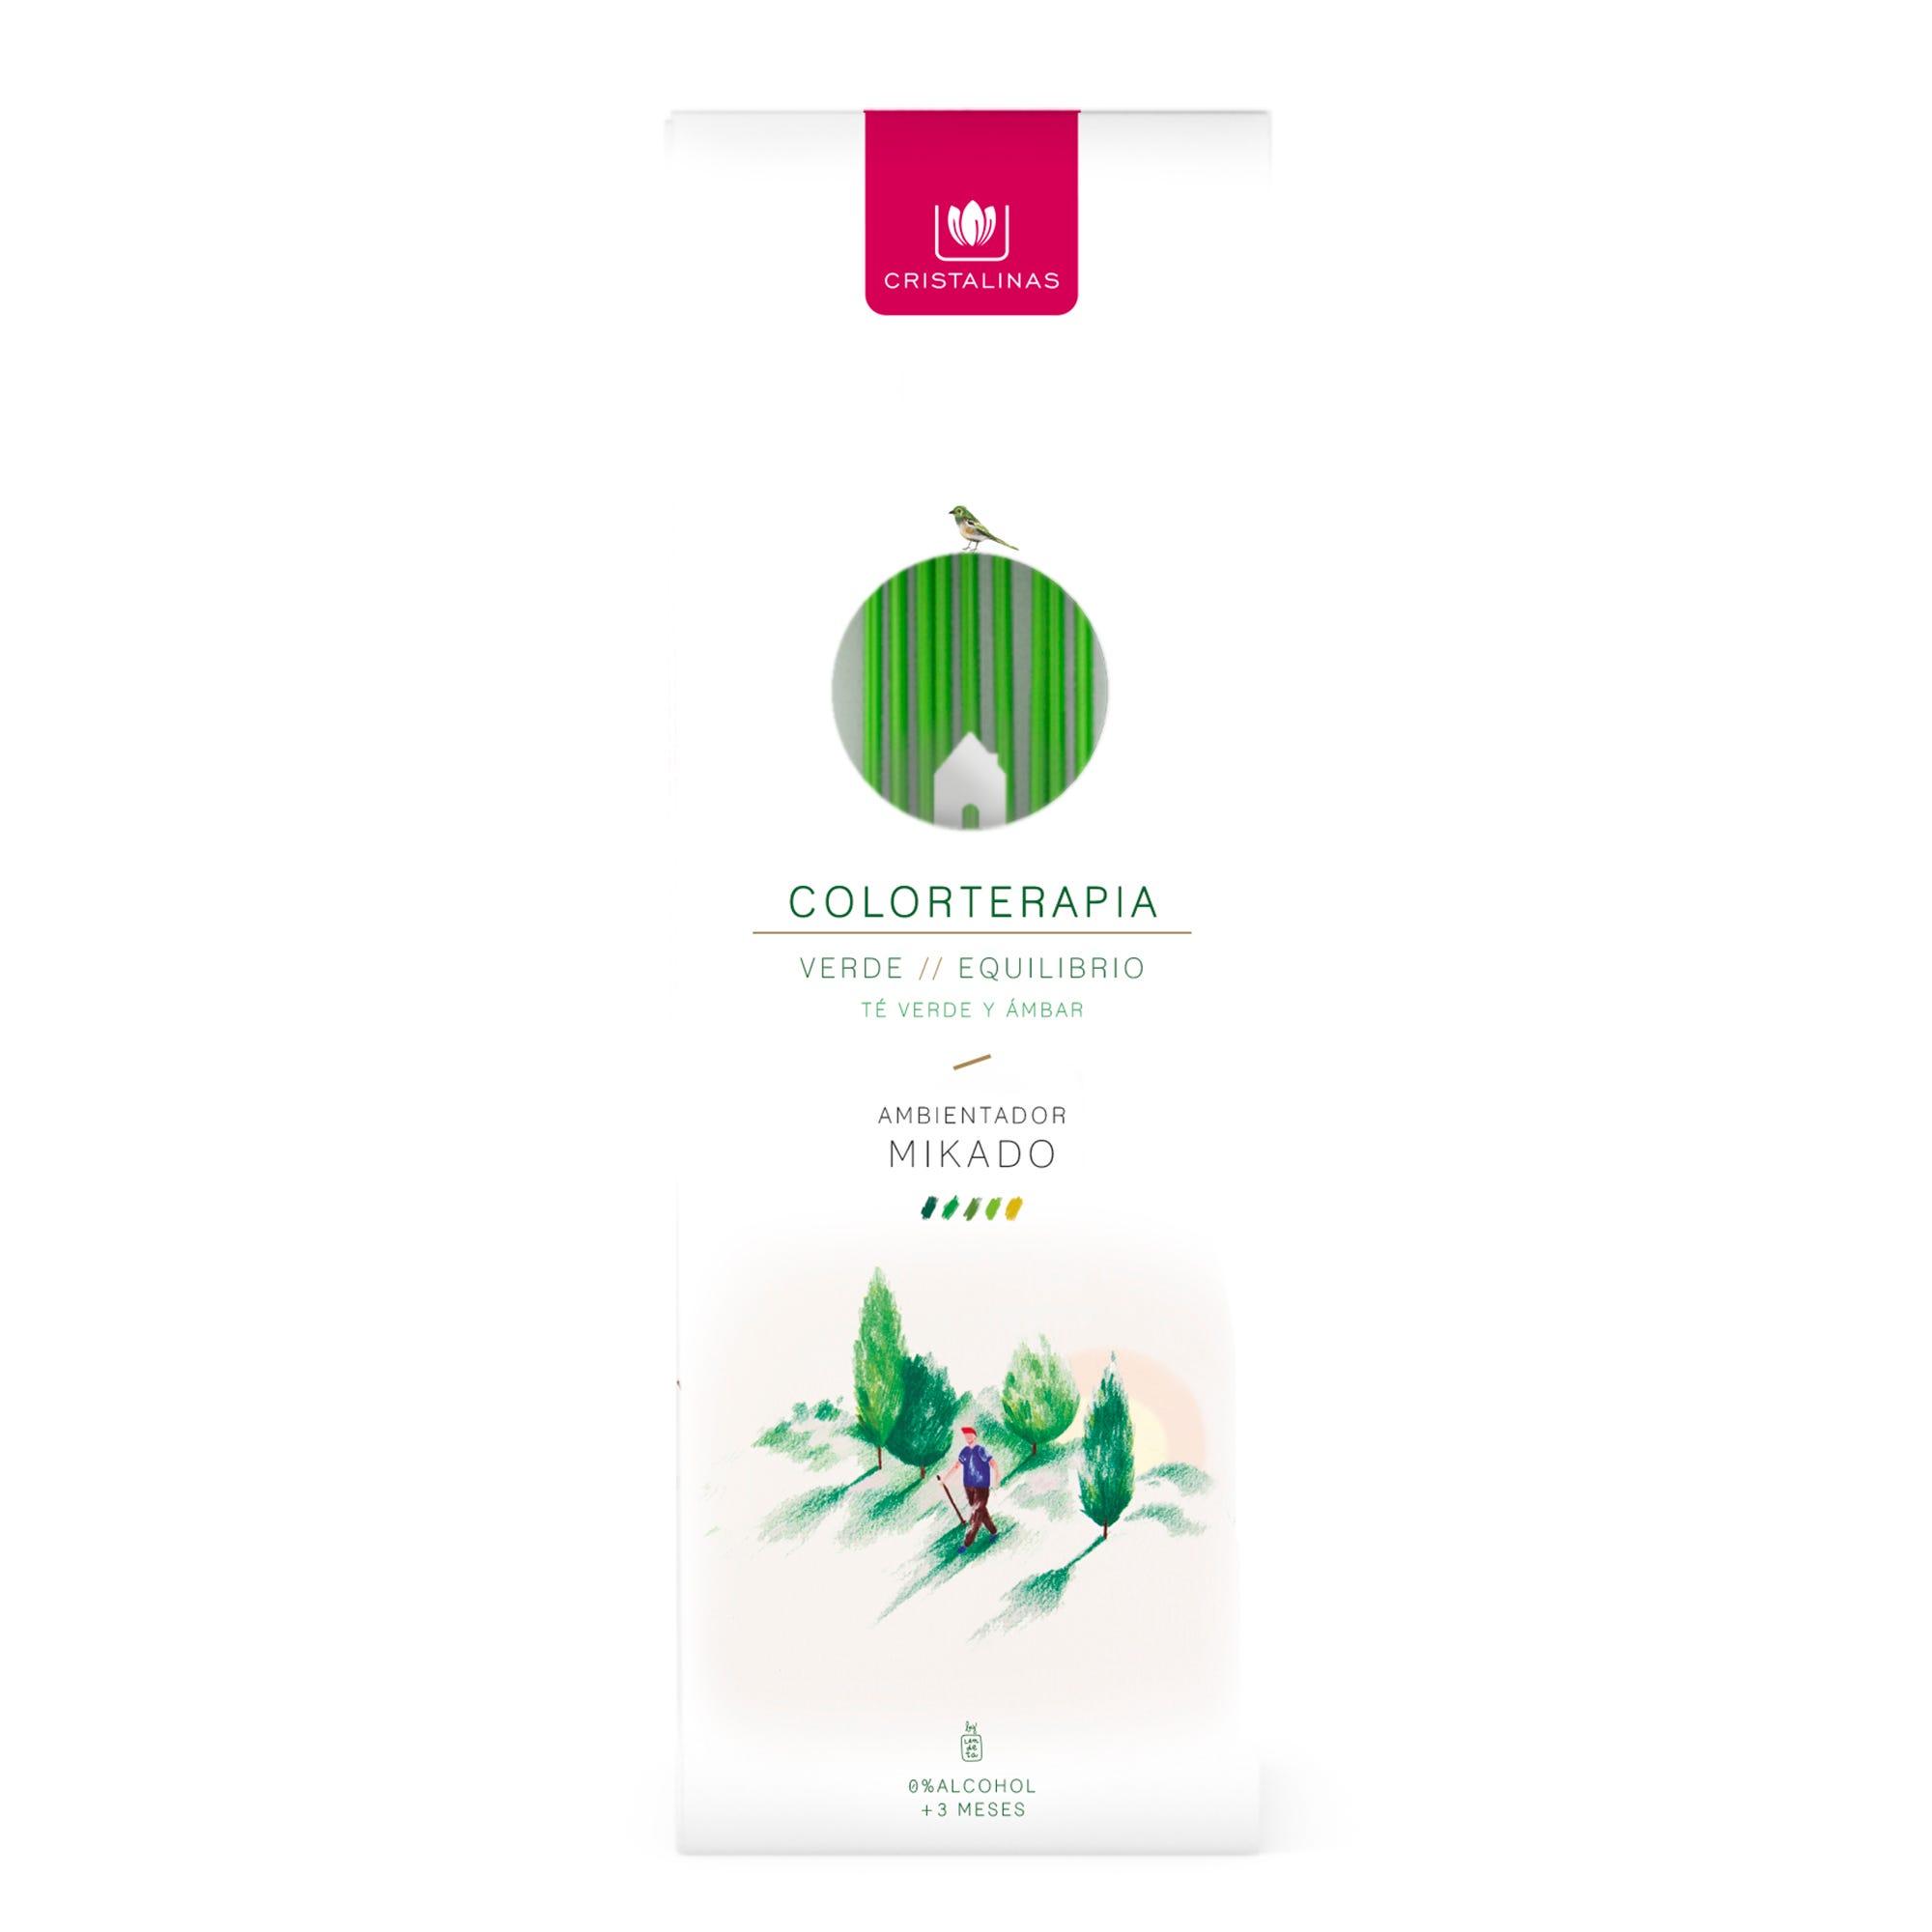 Ambientador mikado Colorterapia Cristalinas aroma muguete y hojas verdes, 125 mL